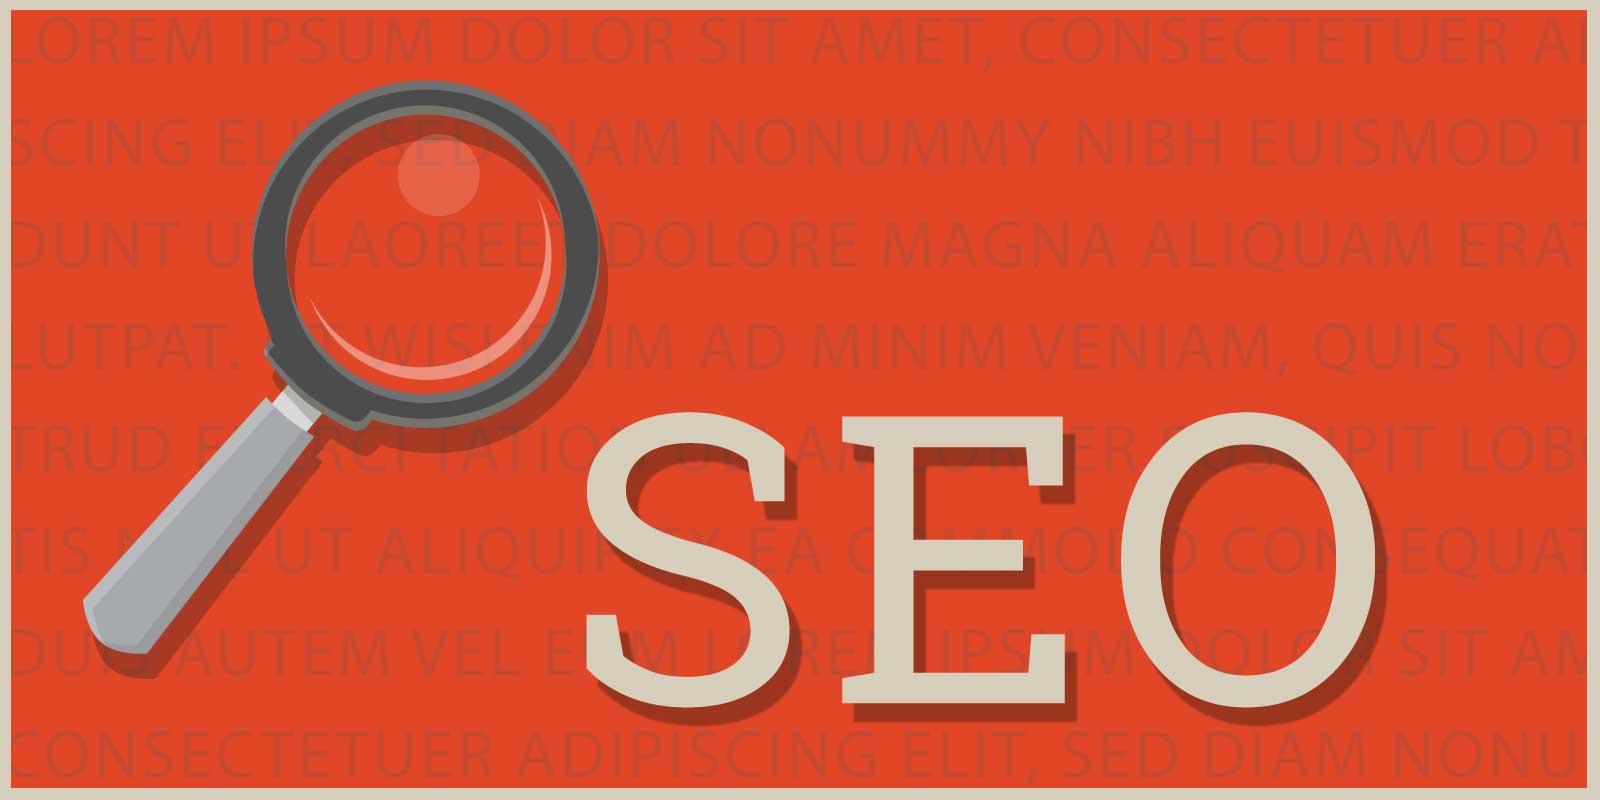 website-redesign-seo-checklist